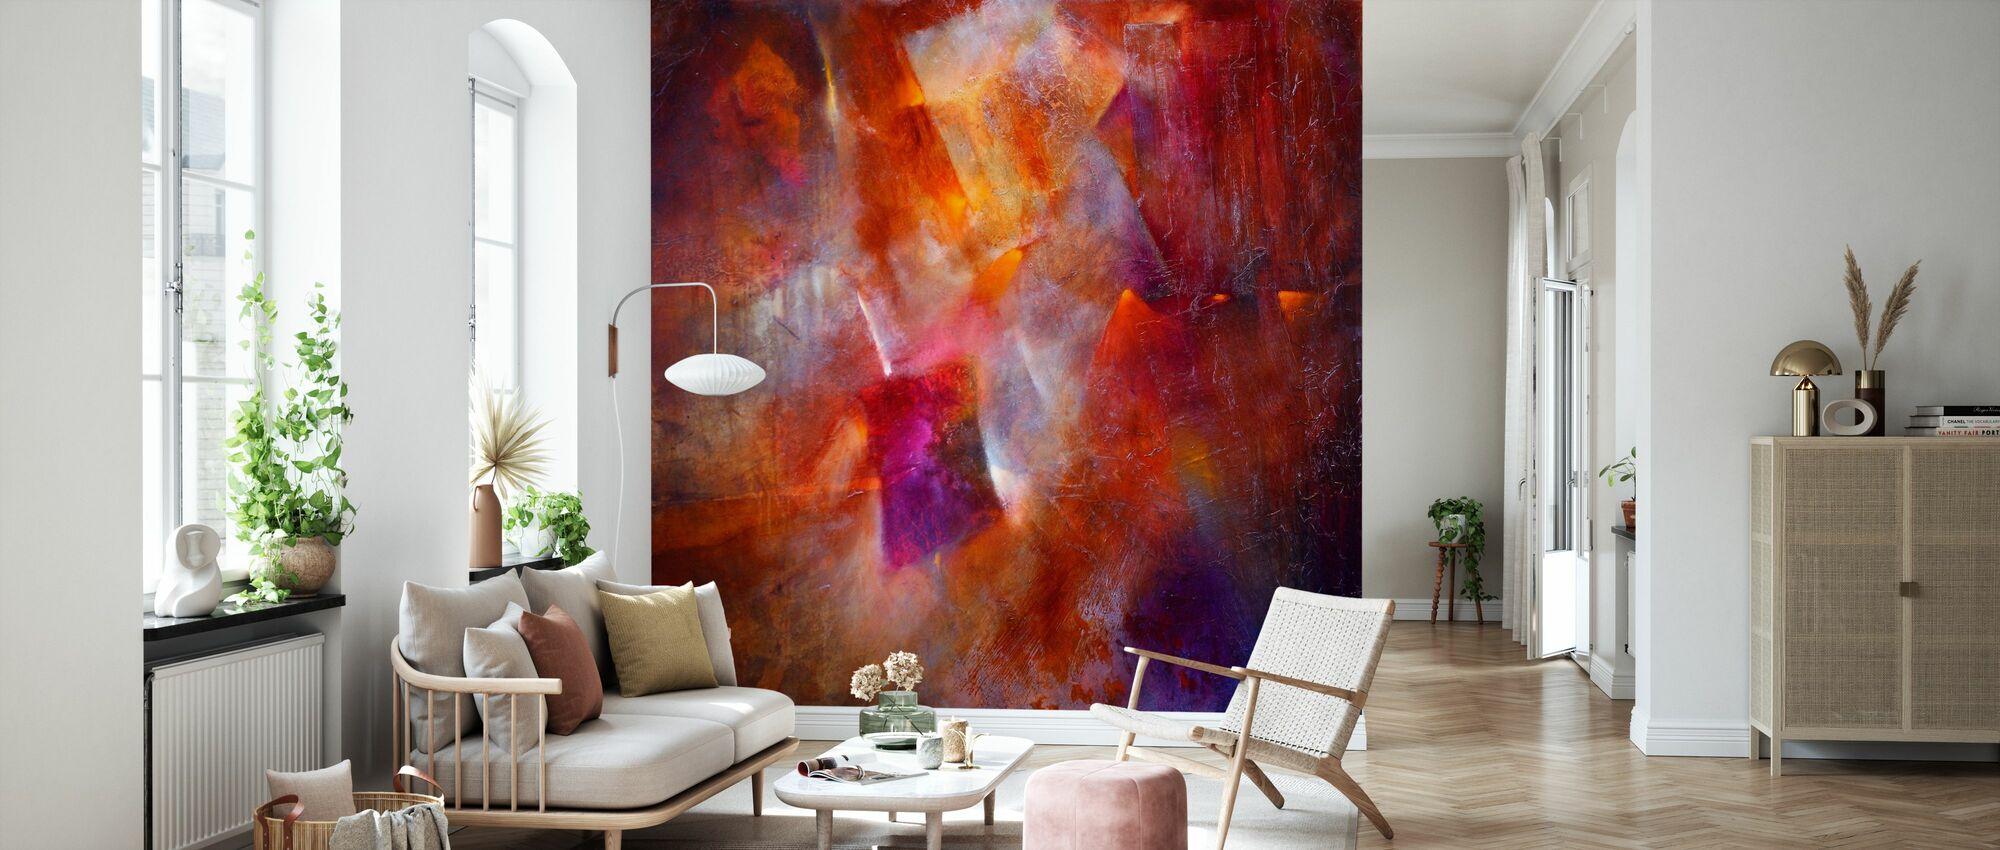 Fireplace Fire - Wallpaper - Living Room